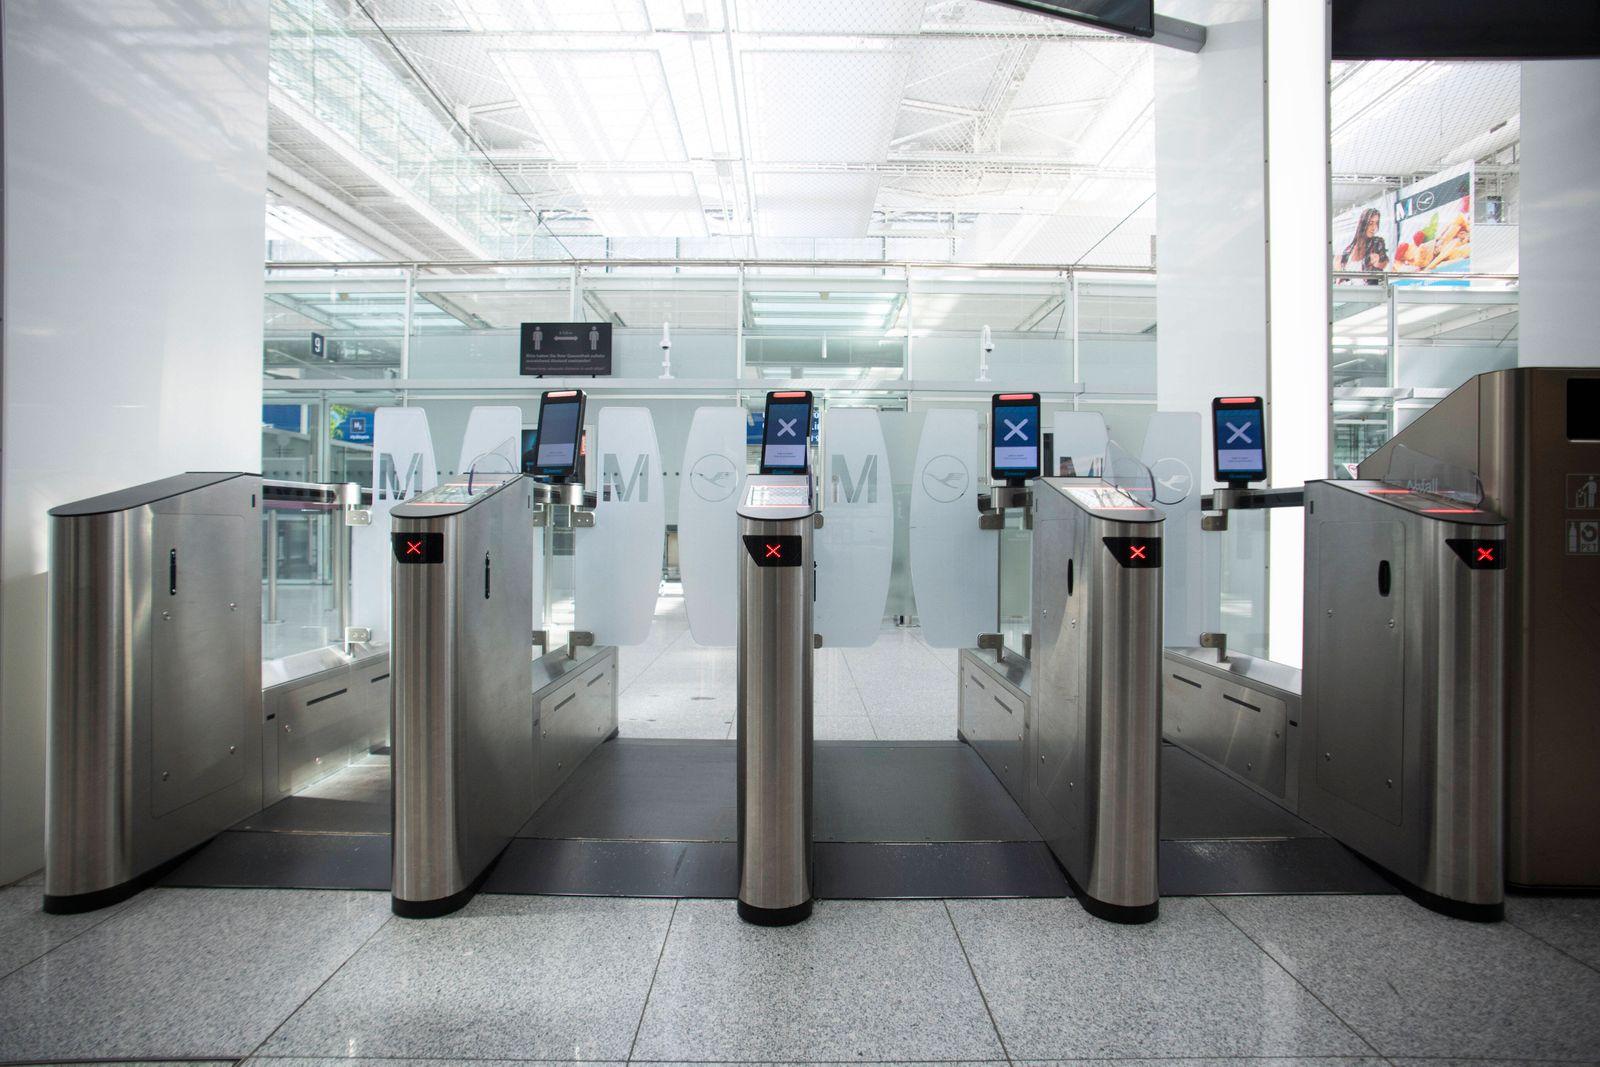 Corona Pandemie, Flughafen Muenchen, menschenleer. 07.04.2020 Im Bild: Terminal 2 *** Corona pandemic, Munich Airport,